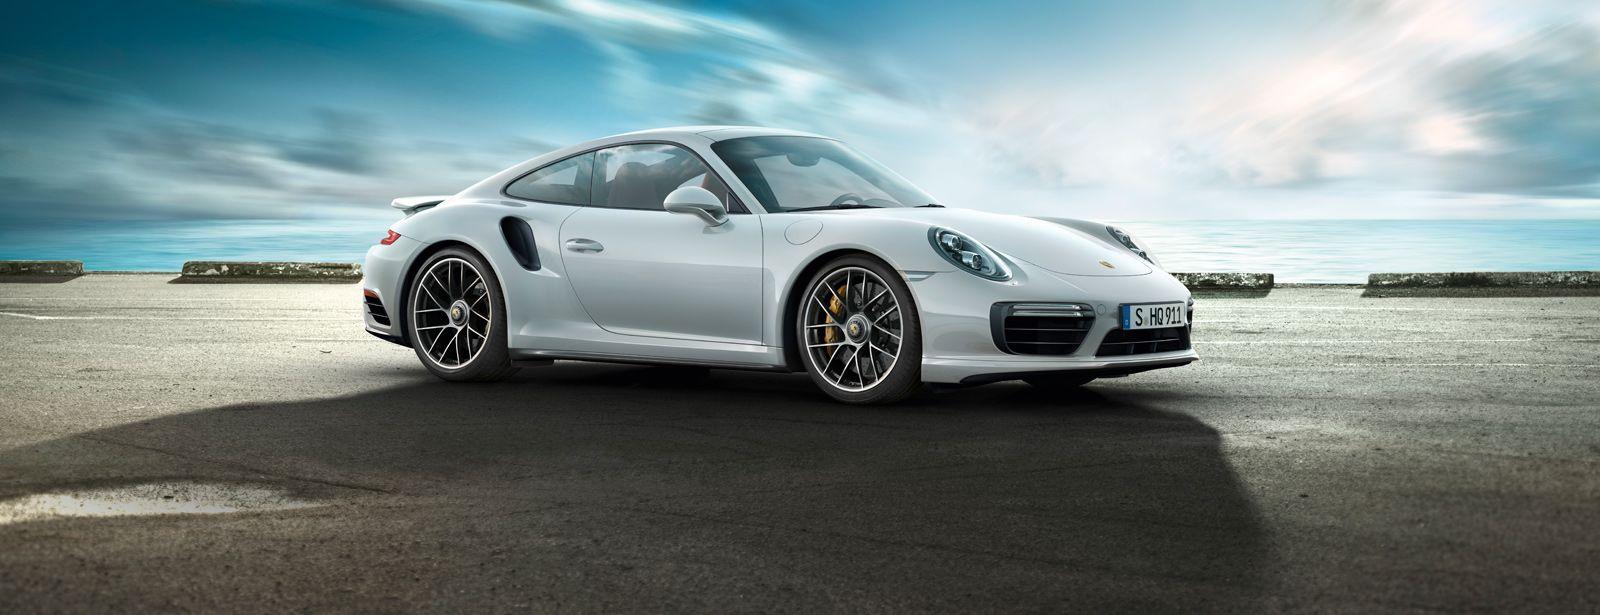 Porsche Power in Presence